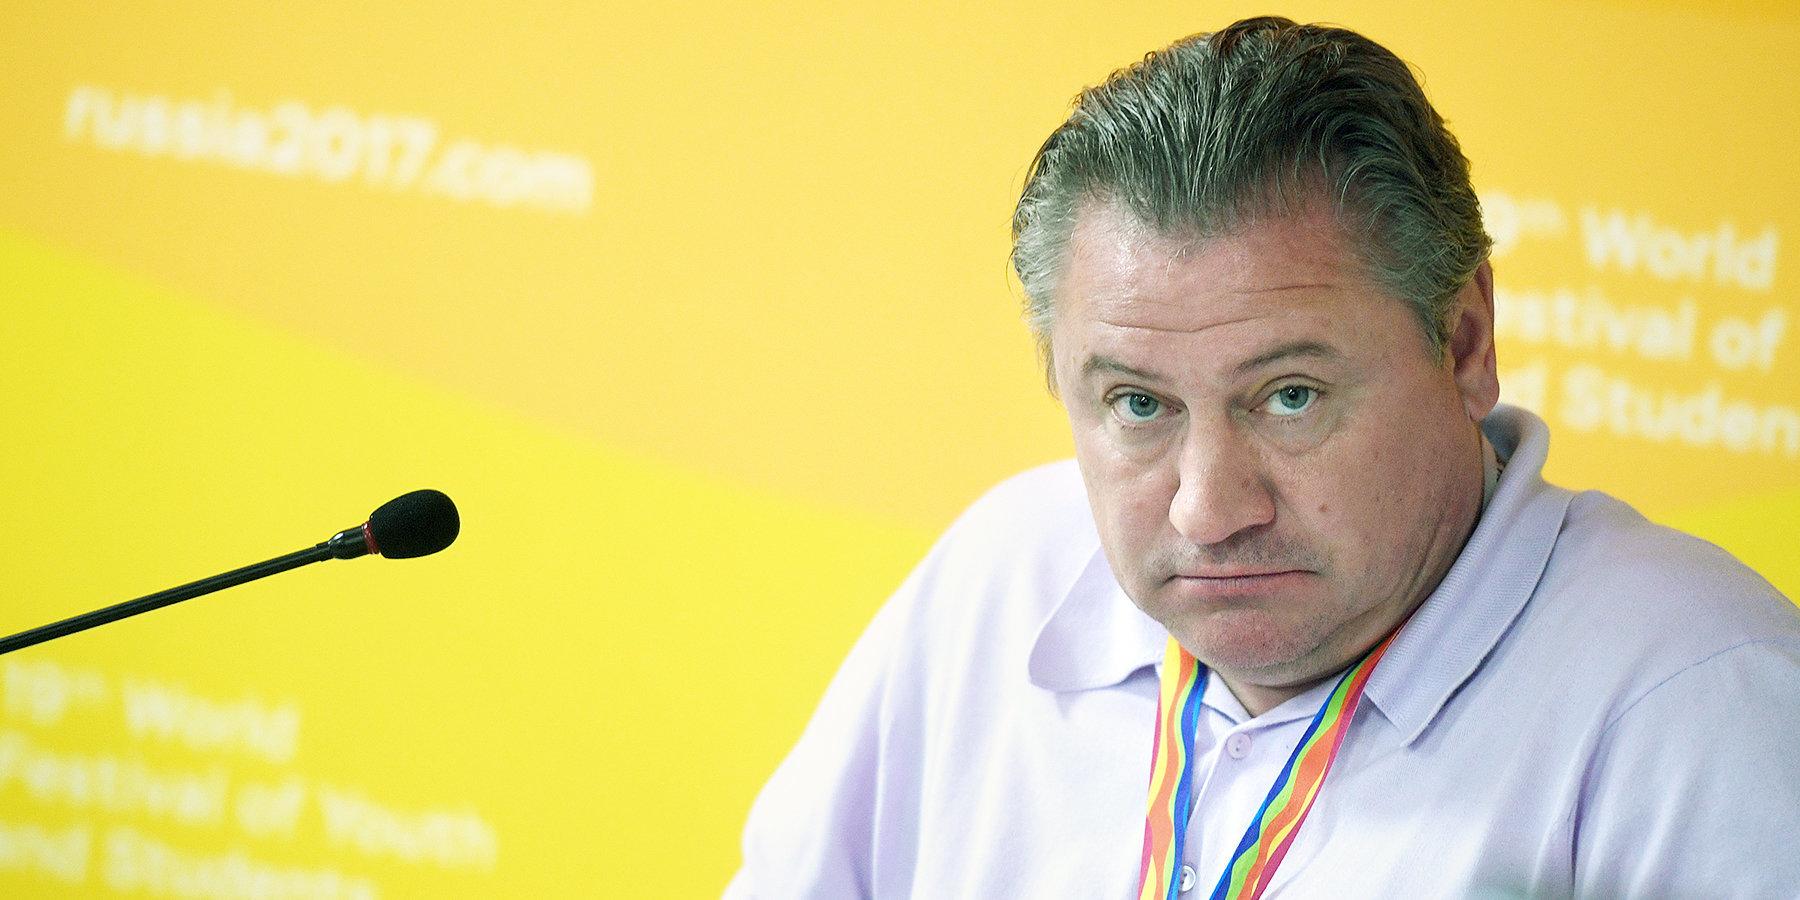 Андрей Канчельскис: «Раньше, до введения системы ВАР, судили лучше»